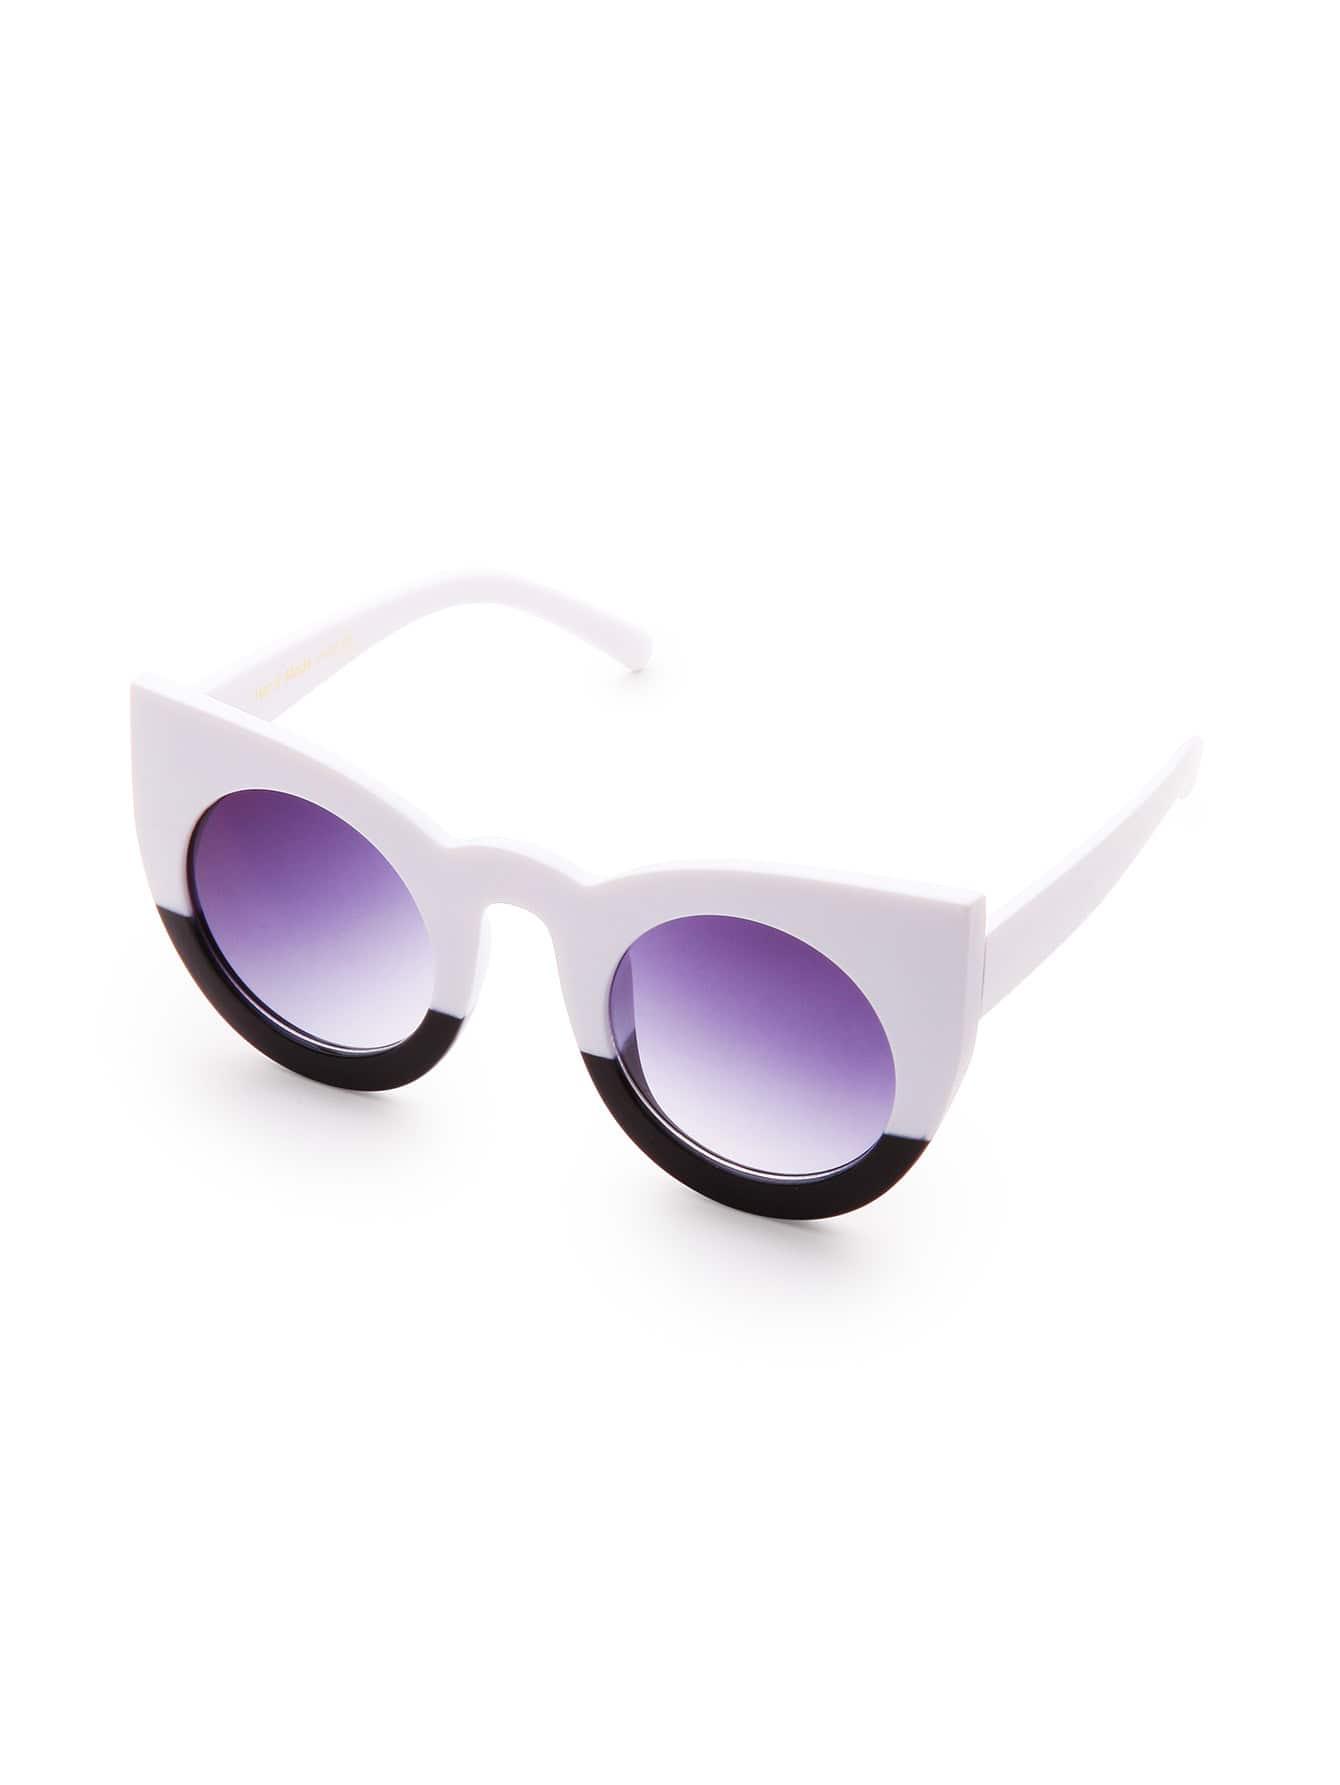 Clock Block Cat Eye Sunglasses sunglass170328305